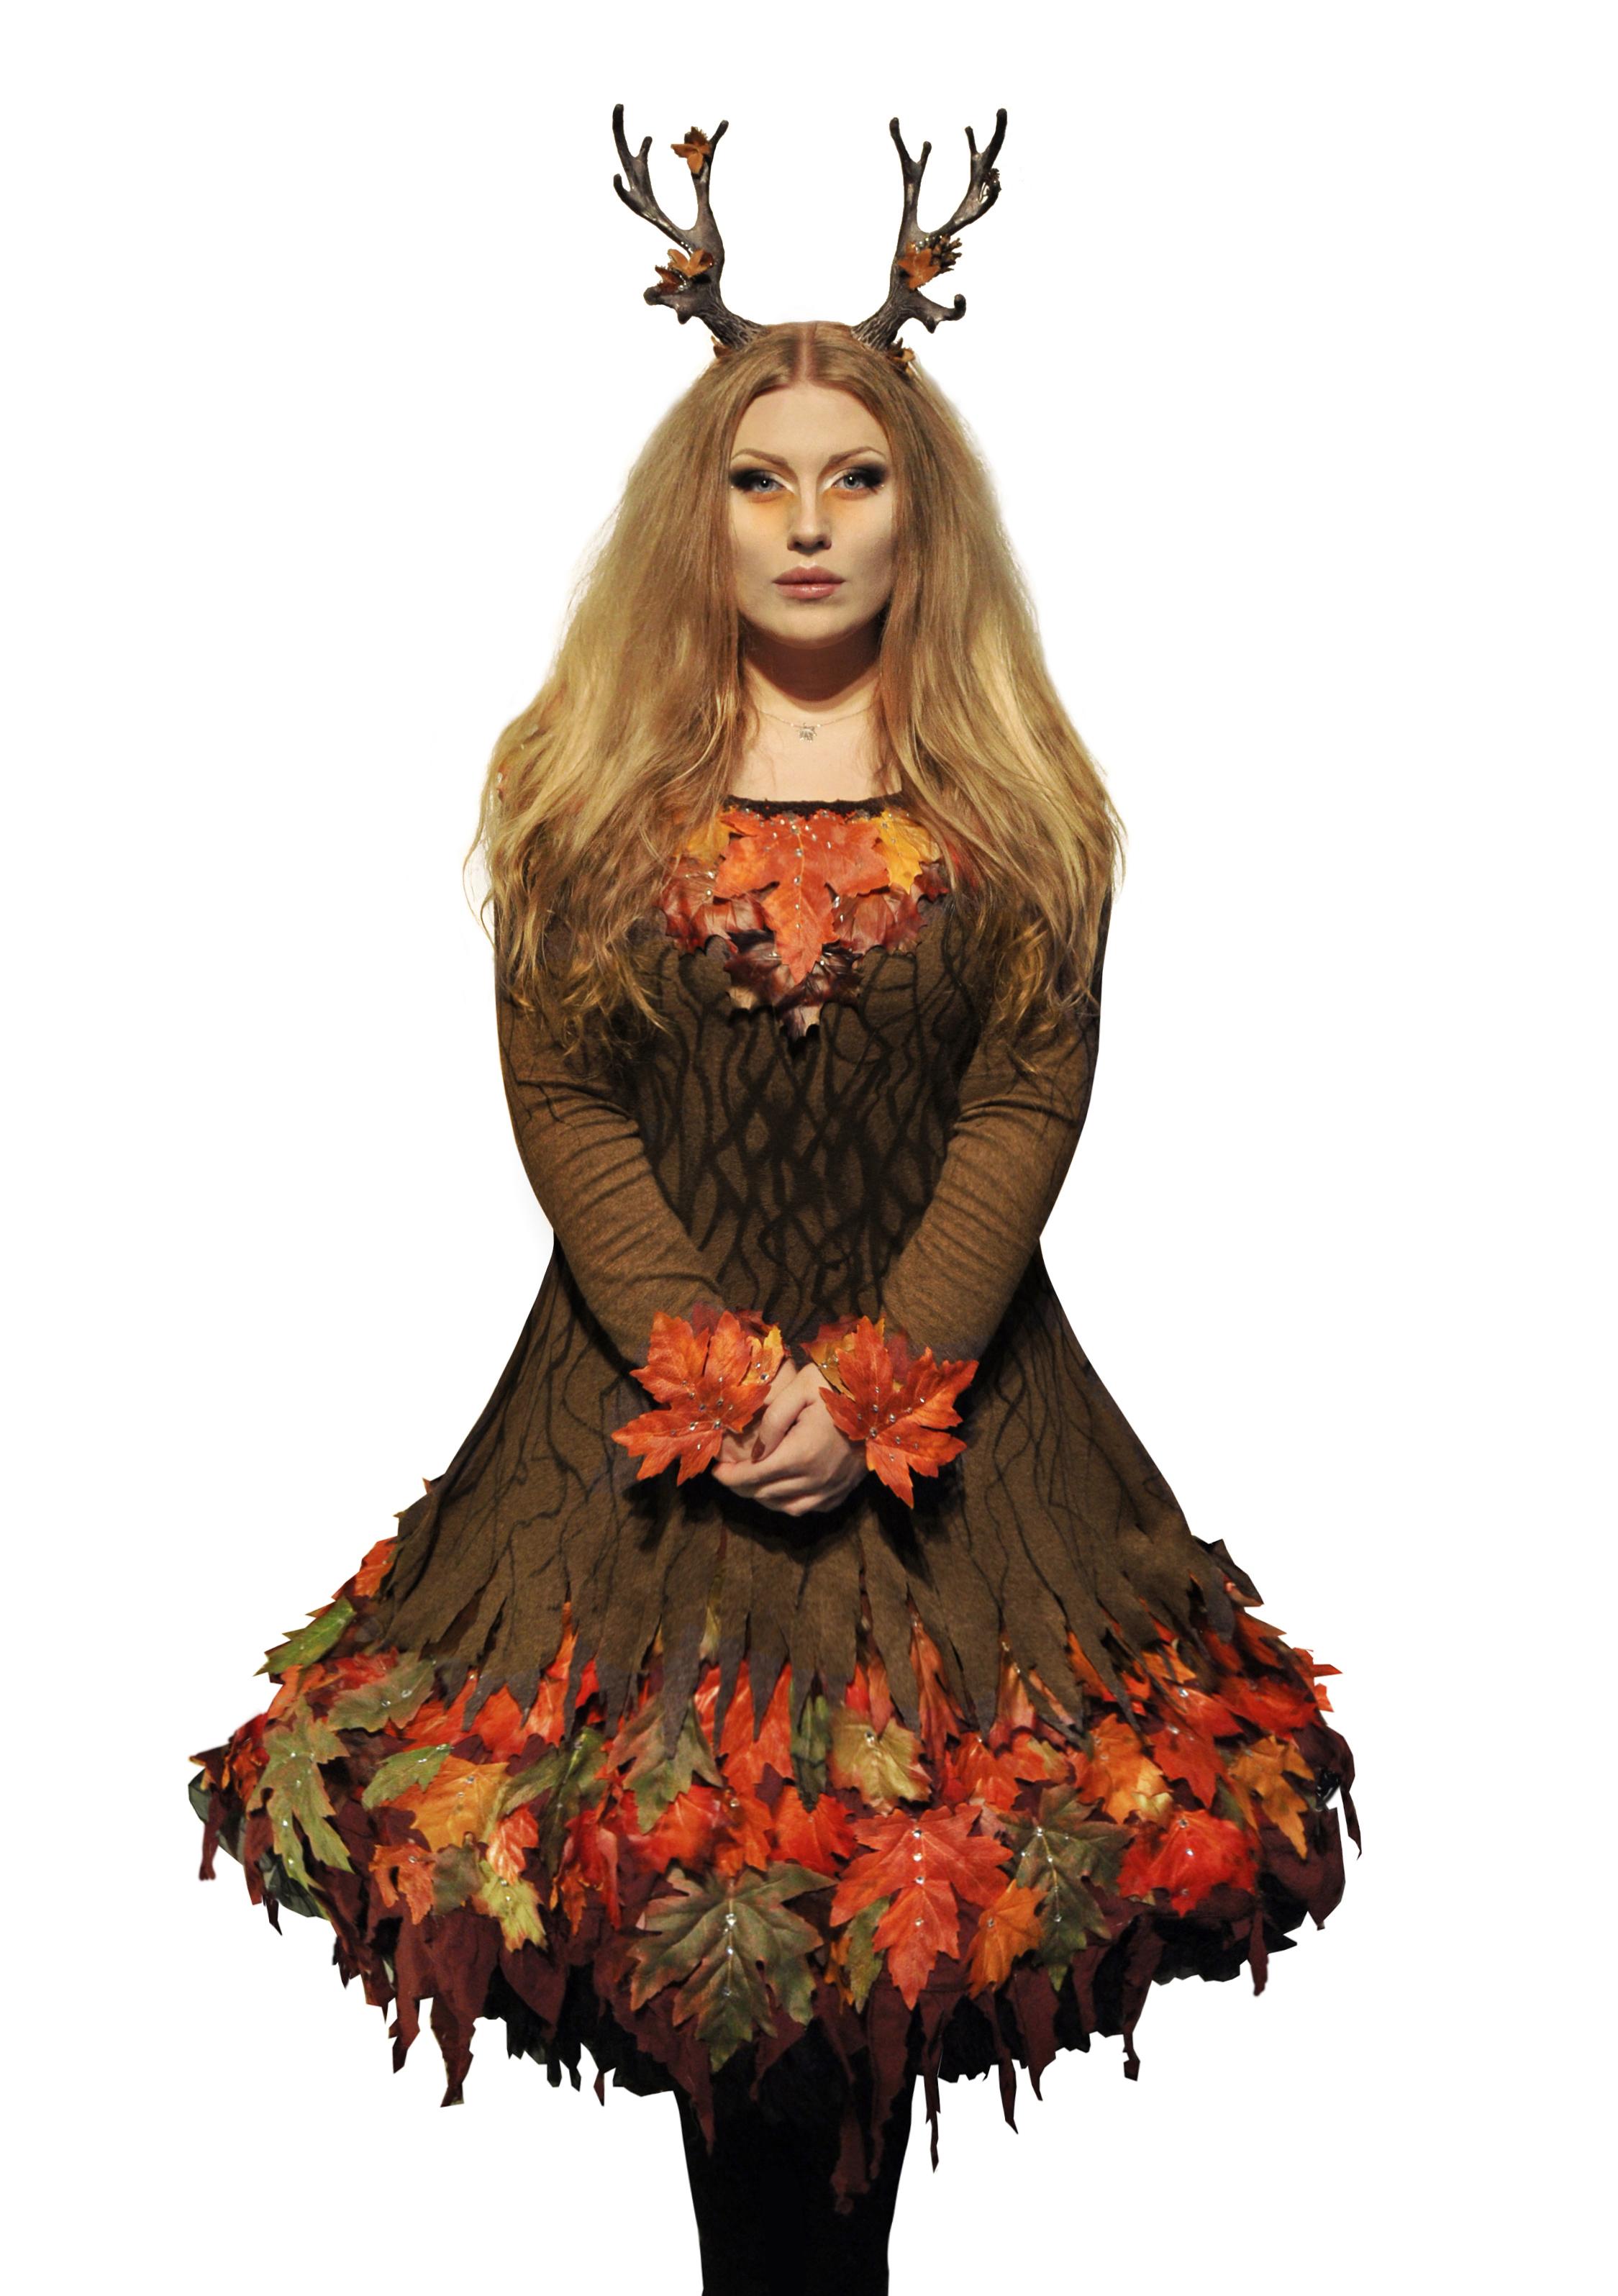 """Malin Mellryd - """"Rymenar"""" bär kronan och traditionenvidaremed Lucia i folktron akt II under Midvinterglöd 2013- """"Norrskenets Spegel""""! Foto, makeup & modell: Malin Mellryd."""